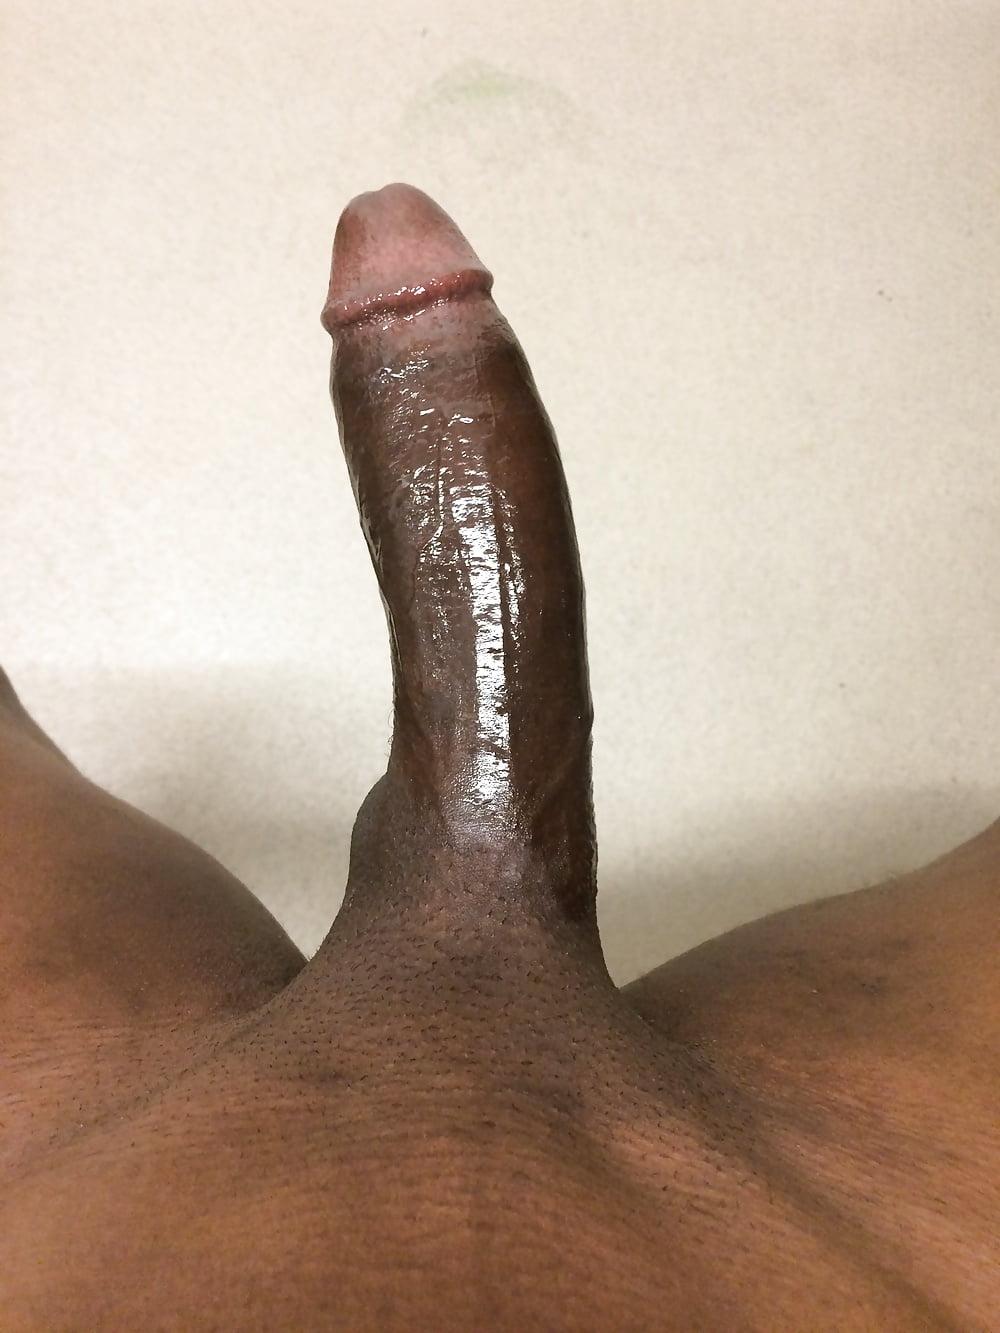 Big black dick uncut cock